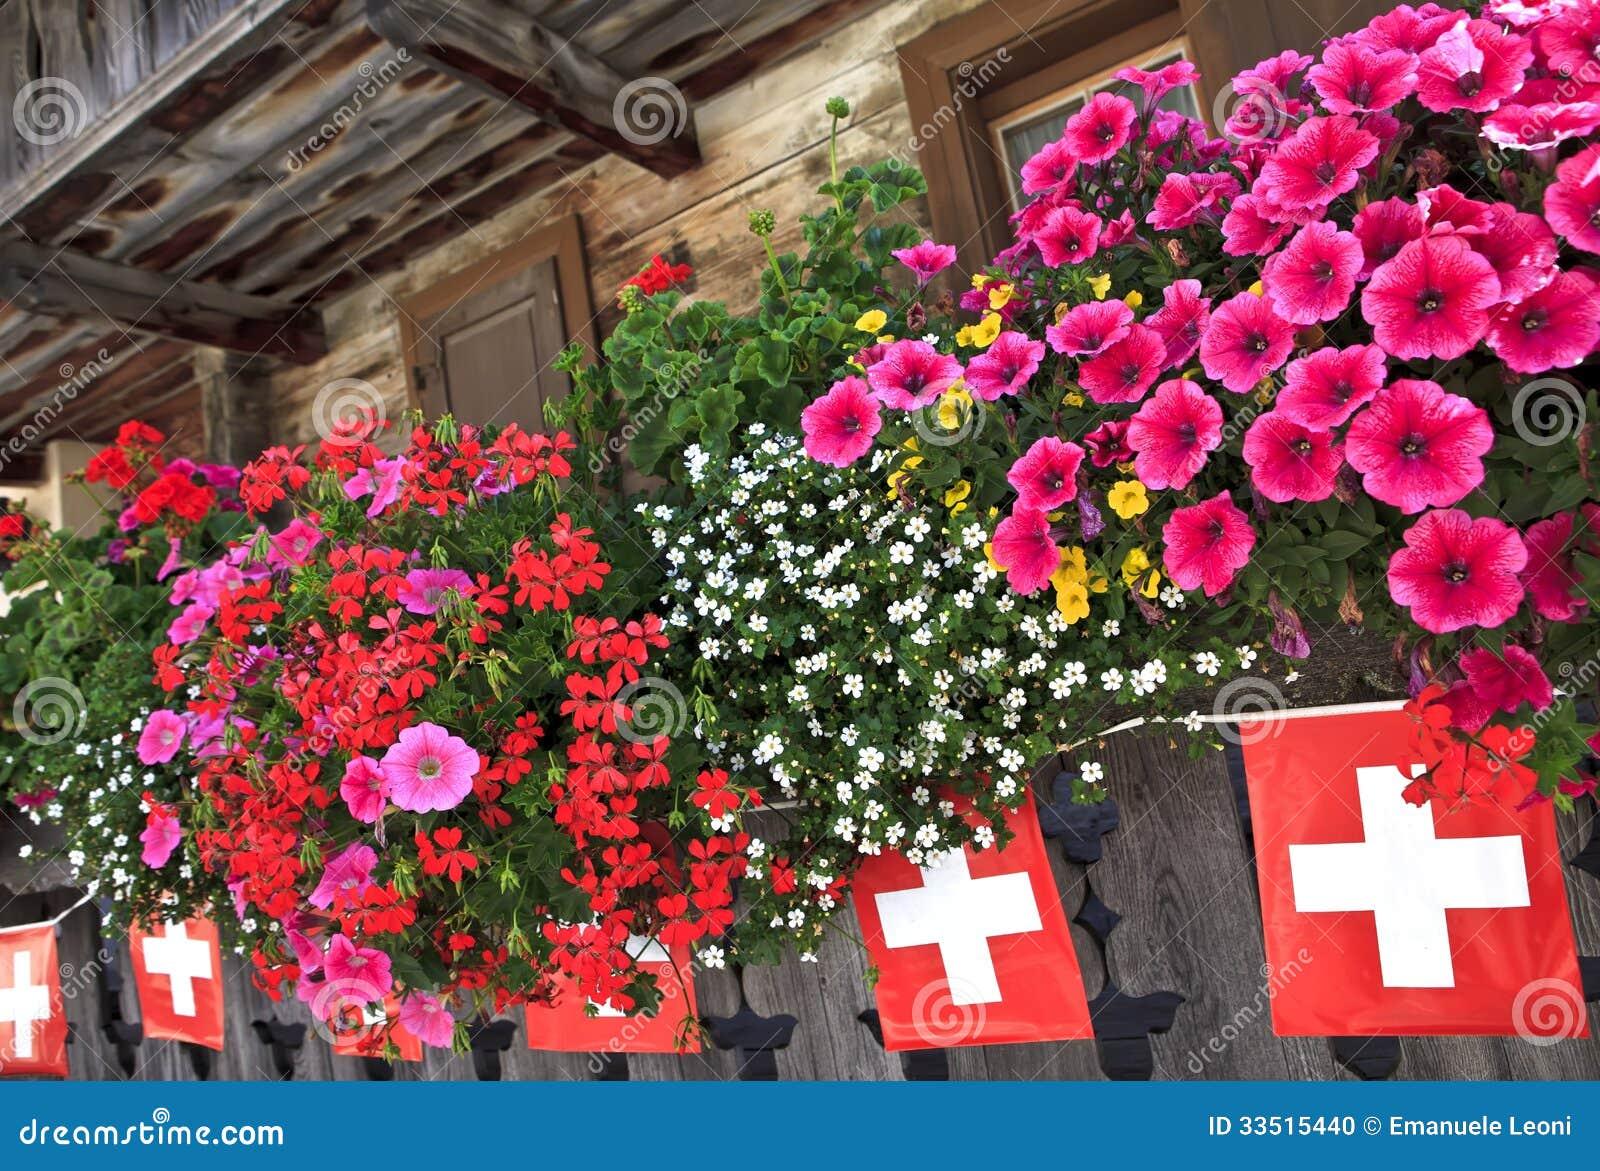 balcon-et-drapeaux-sur-le-chalet-dans-les-alpes-suisses-33515440.jpg